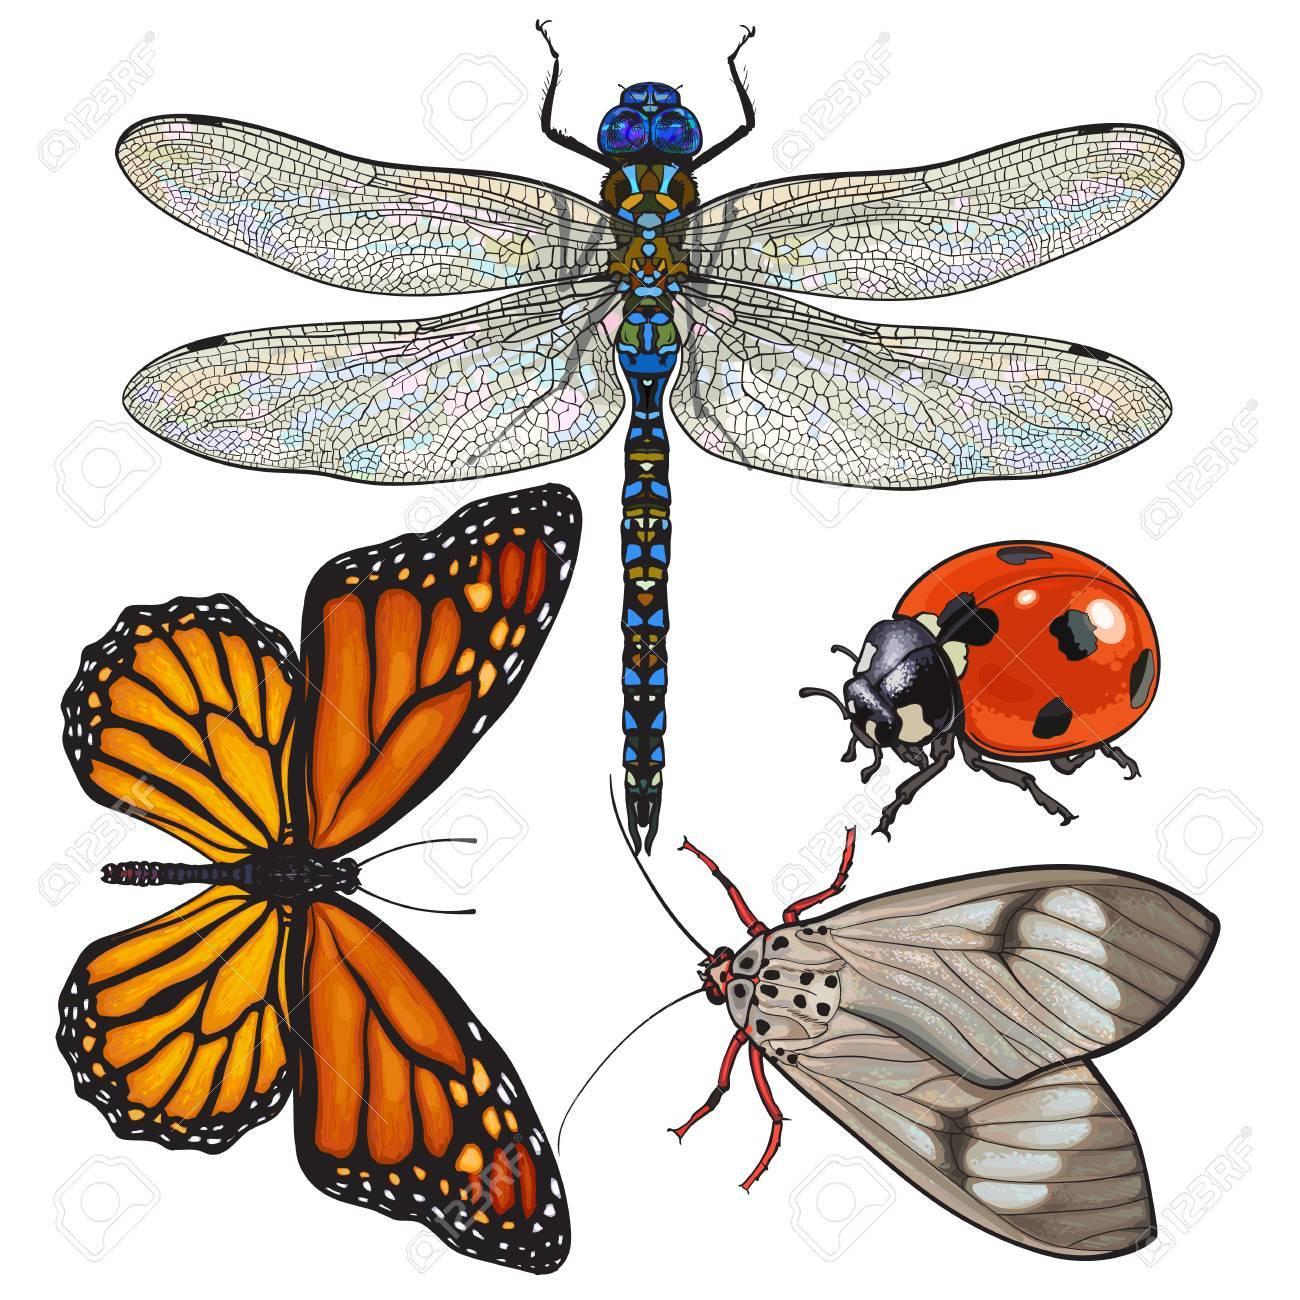 Conjunto De Insectos Como Libélula, Mariposa, Mariquita Y Polilla ...